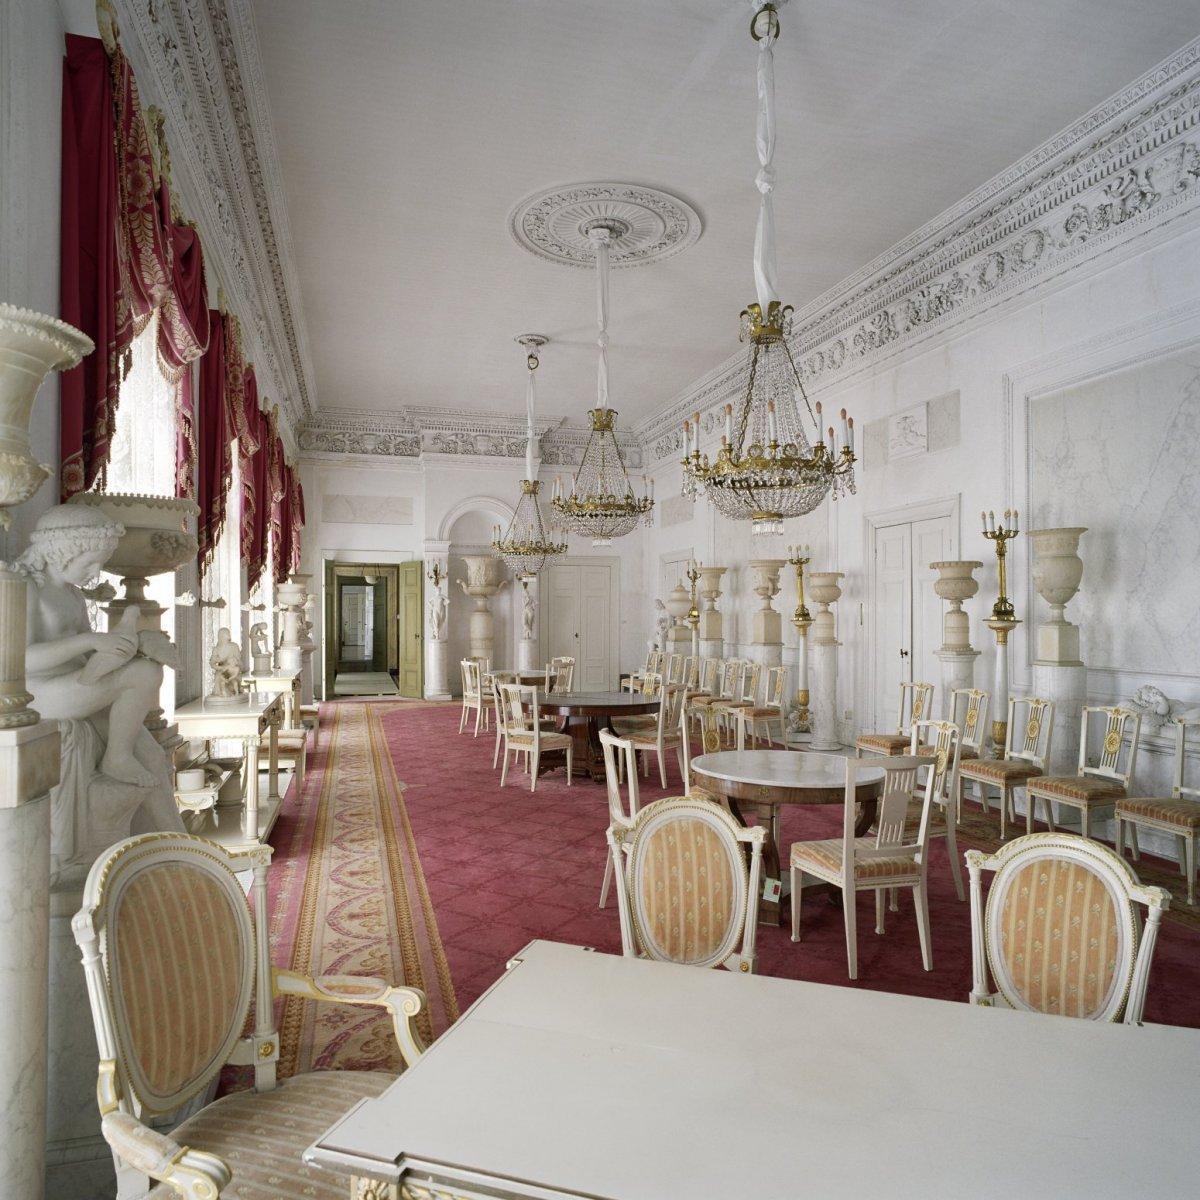 Bestand:Interieur, overzicht van de Witte eetzaal met kroonluchters ...